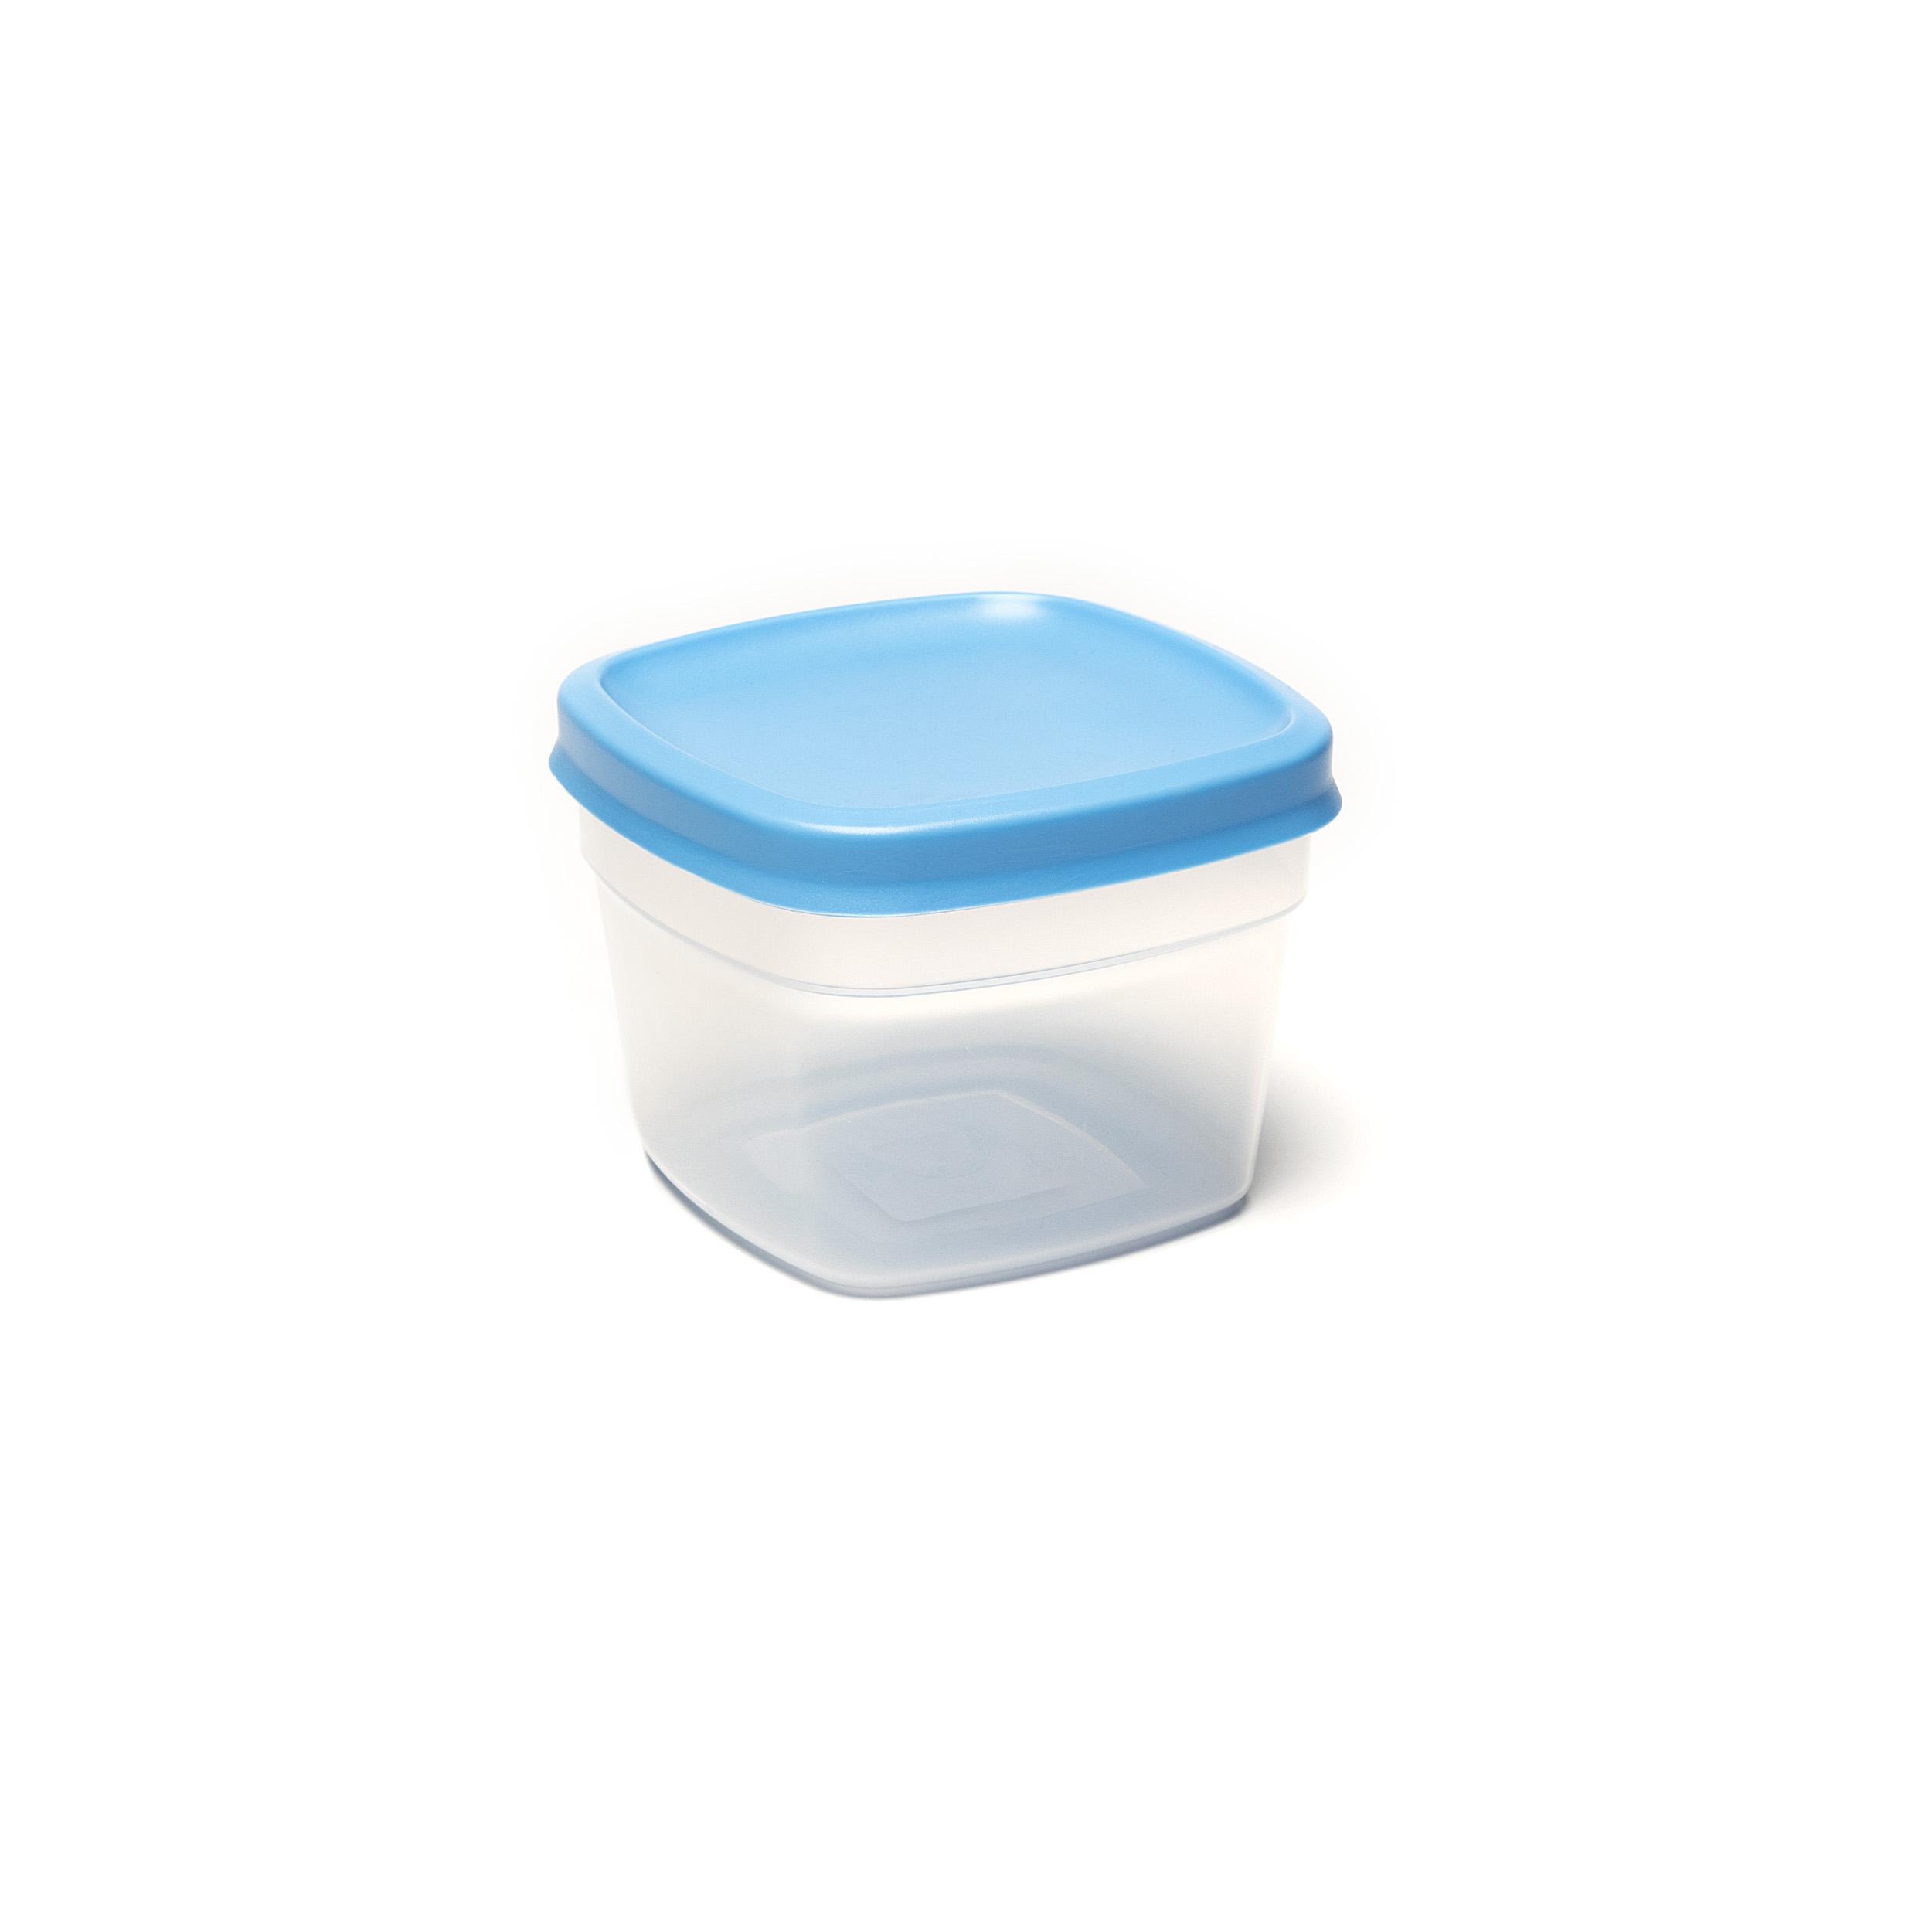 Vacutop 750ml - .... Super fresh food? Keep it in a VacuTop® box. Thanks to its hermetic seal, your food will remain noticeably fresher for longer. Stack and store? It's easy peasy. Your VacuTop® is indestructible: it will stand up to the dishwasher and microwave – provided you remove the lid when using the latter. ..Un repas d'une fraîcheur exquise ? Une boîte VacuTop® vous le garantira. Grâce à sa fermeture hermétique, vos aliments restent frais vraiment plus longtemps. L'empiler et la ranger ? Simple comme bonjour. Votre VacuTop® est inusable : elle convient pour le lave-vaisselle et micro-ondes – pour autant que vous en enleviez le couvercle. ..Kraakvers eten? Dat bewaar je in een VacuTop®-doos. Dankzij de hermetische afsluiting blijft je eten merkbaar langer vers. Stapelen en wegbergen? Een fluitje van een cent. Je VacuTop® is onverslijtbaar: hij is bestand tegen vaatwasser en microgolfoven – zolang je bij die laatste het deksel maar verwijdert. ..Knackfrische Speisen? Die sollten Sie in einem VacuTop®-Behälter aufbewahren. Dank des hermetischen Verschlusses bleiben Ihre Speisen spürbar länger frisch. Stapeln und aufbewahren? Das ist ein Kinderspiel. Ihr VacuTop® ist unverwüstlich: Er ist spülmaschinenfest und mikrowellengeeignet – solange Sie in der Mikrowelle den Deckel entfernen. ....